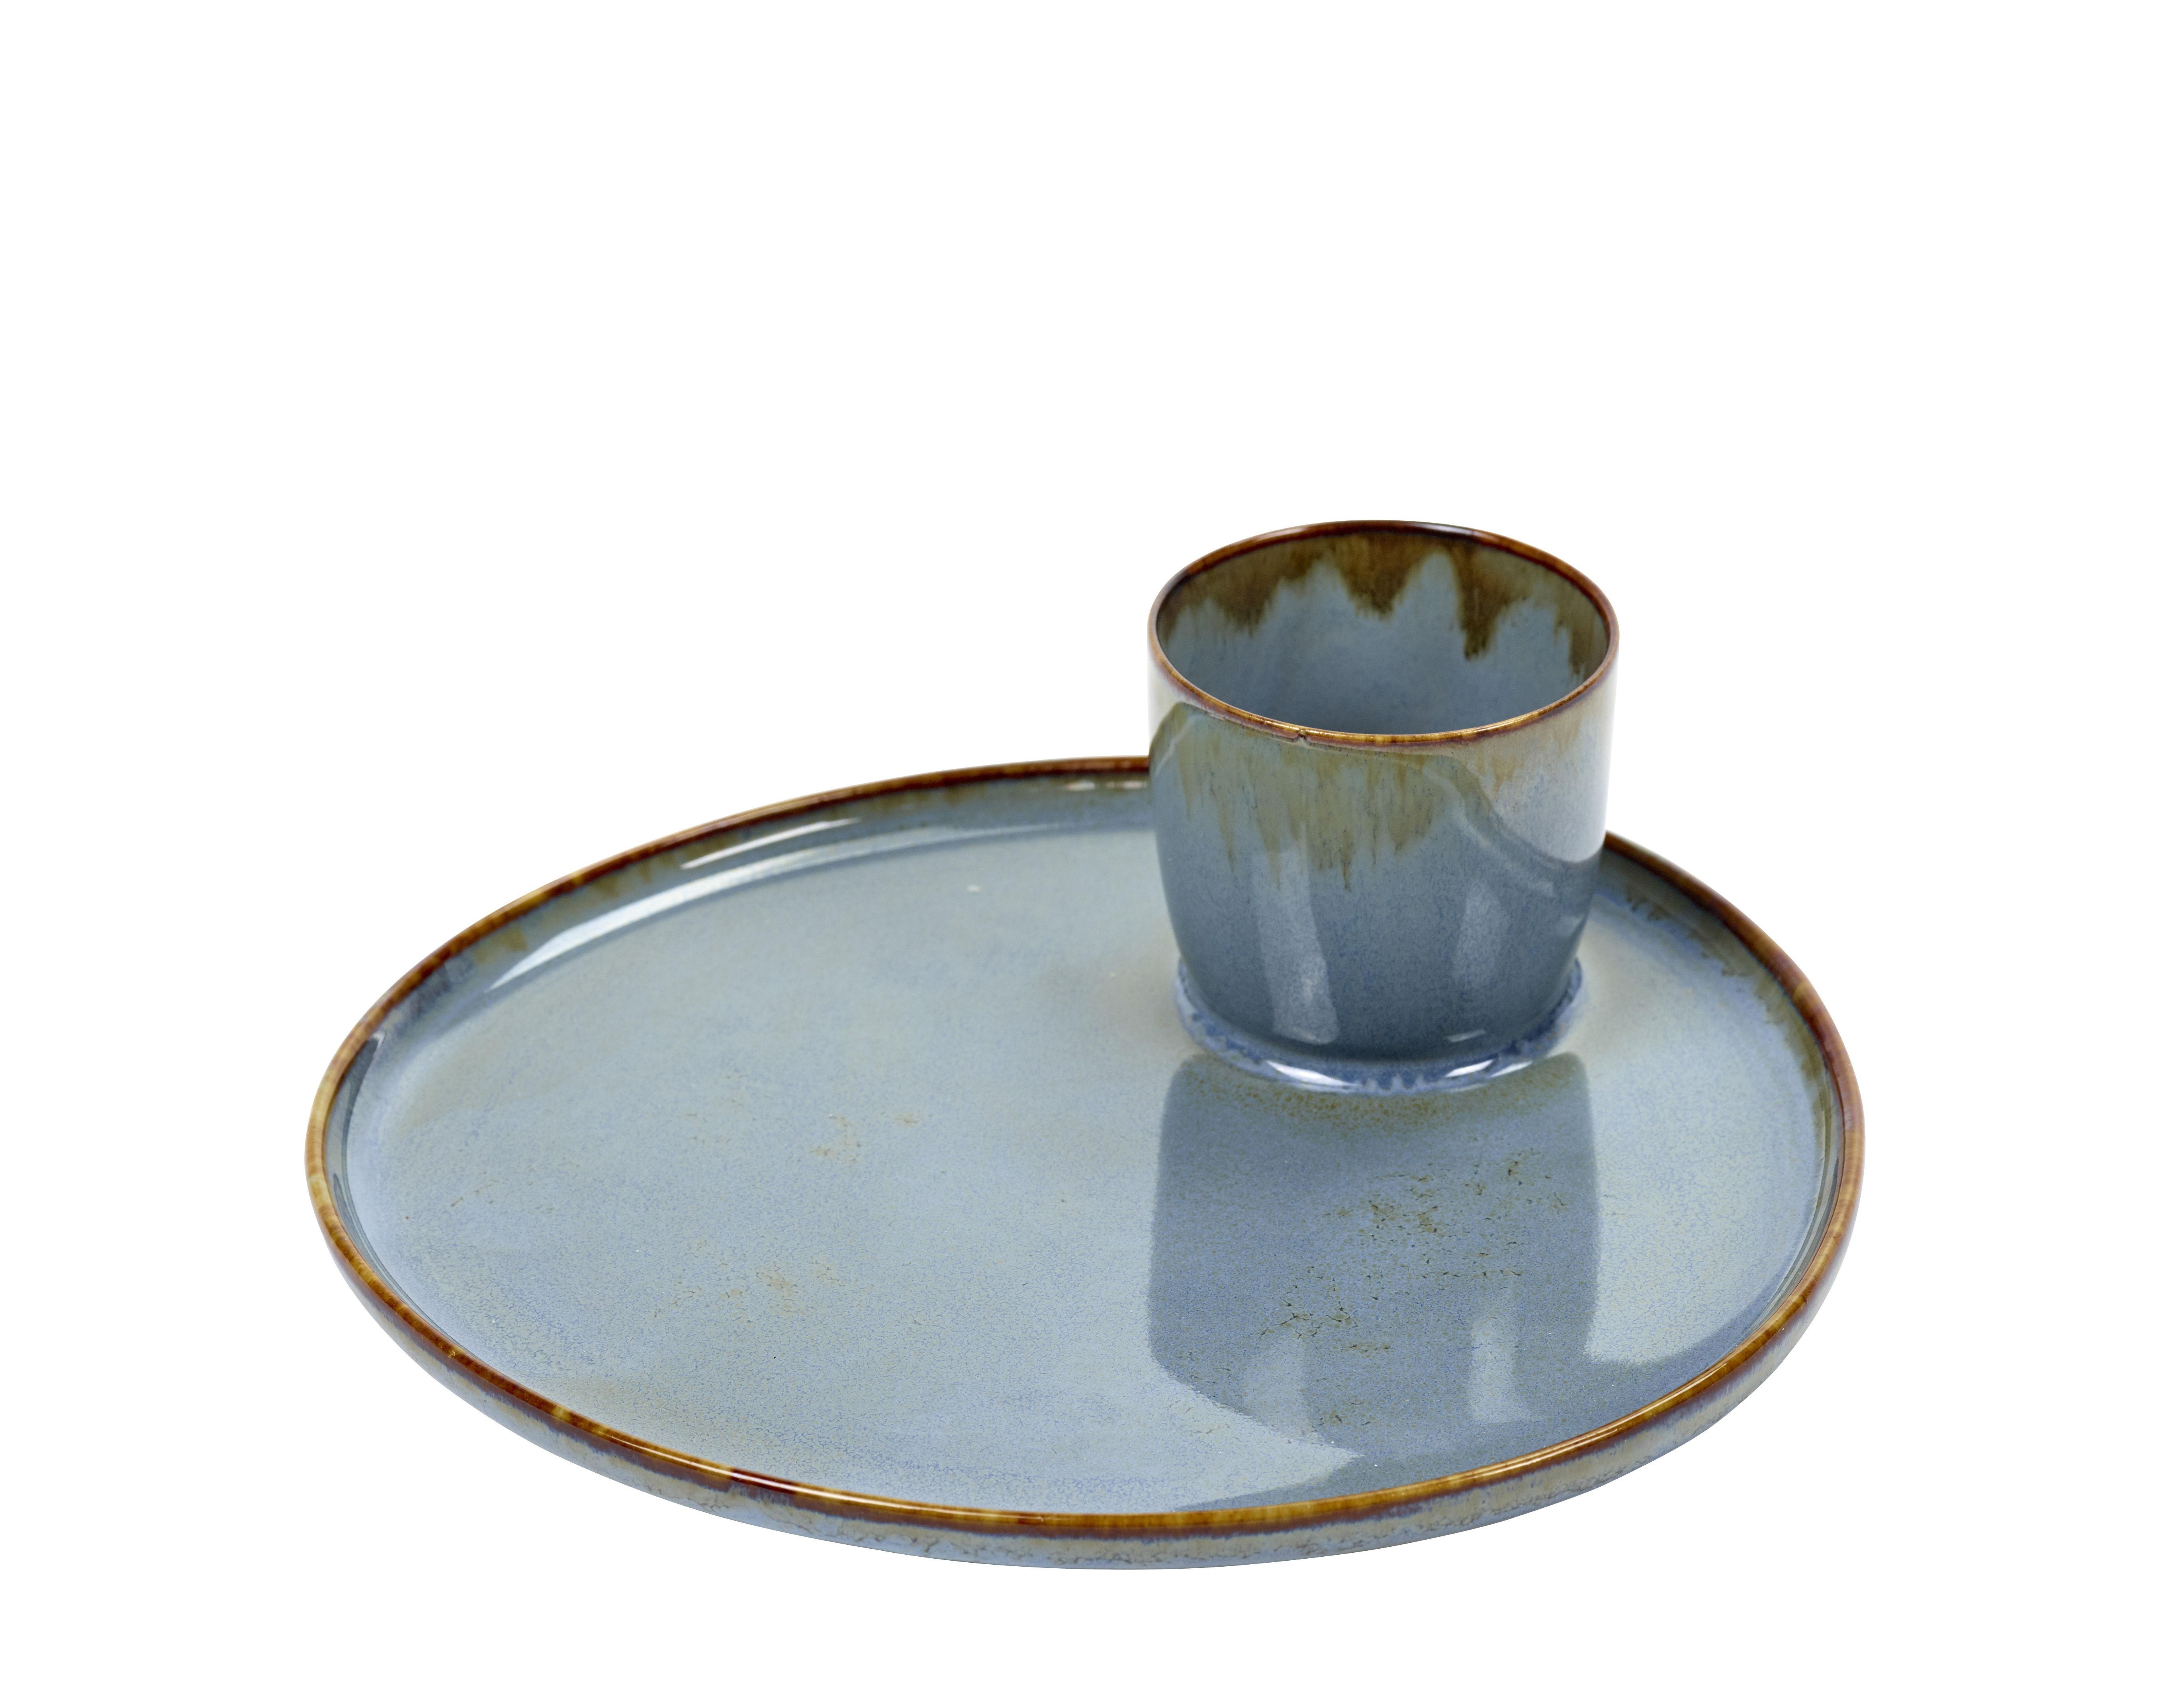 Arts de la table - Assiettes - Assiette Terres de rêves / pour œuf ou tapas - Grès - Serax - Bleu fumé - Grès émaillé